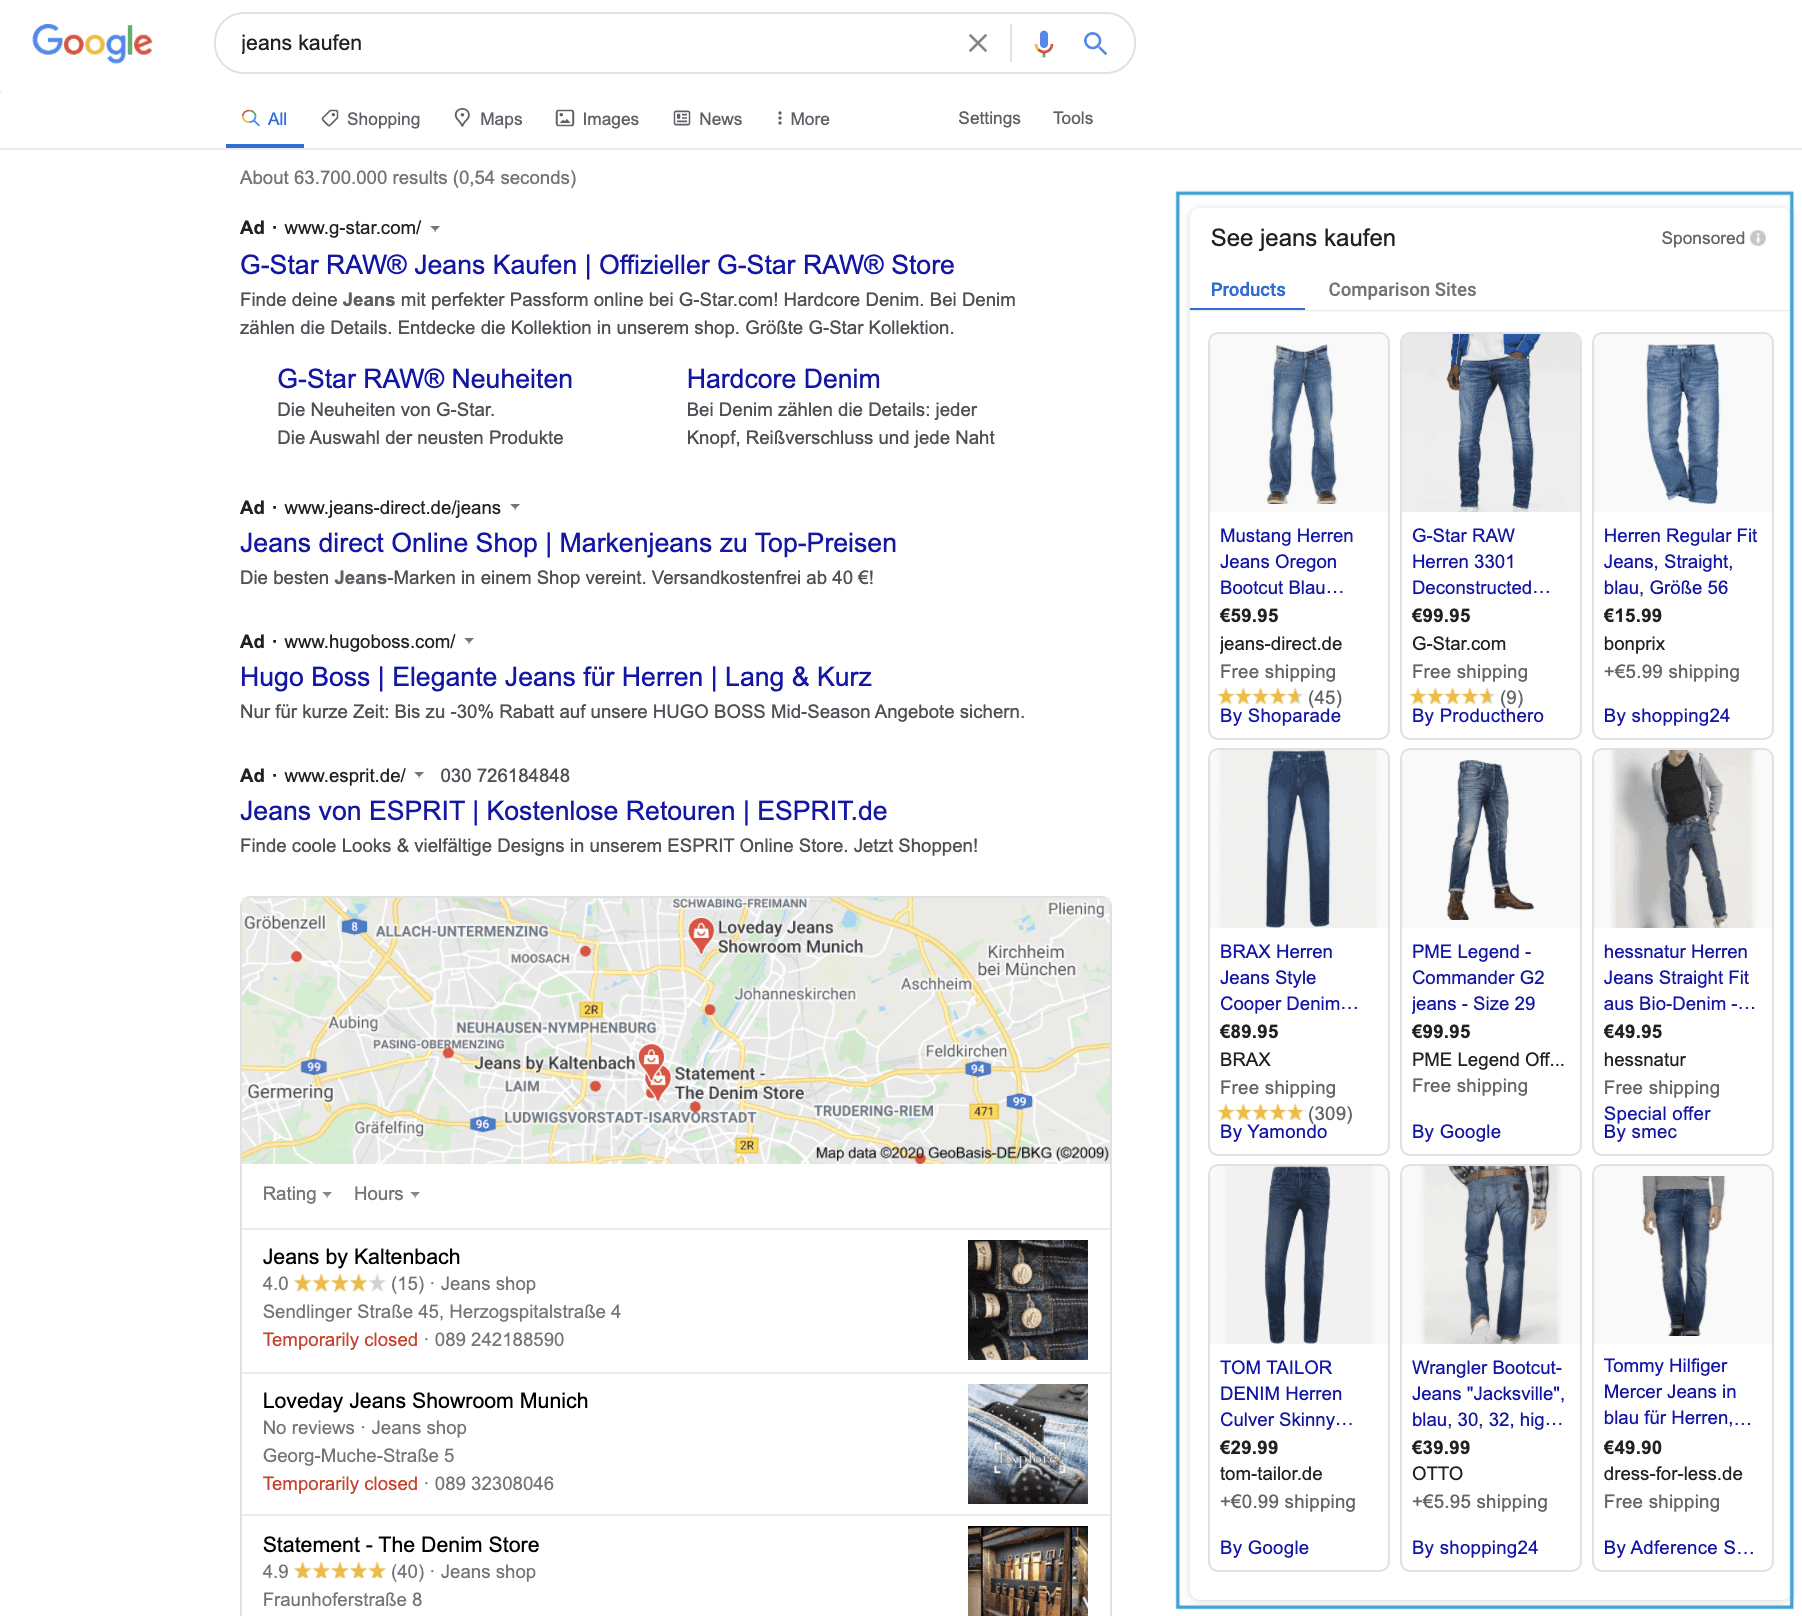 """Für die Suchanfrage """"Jeans kaufen"""" werden in der rechten Spalte Google Shopping Anzeigen ausgespielt."""